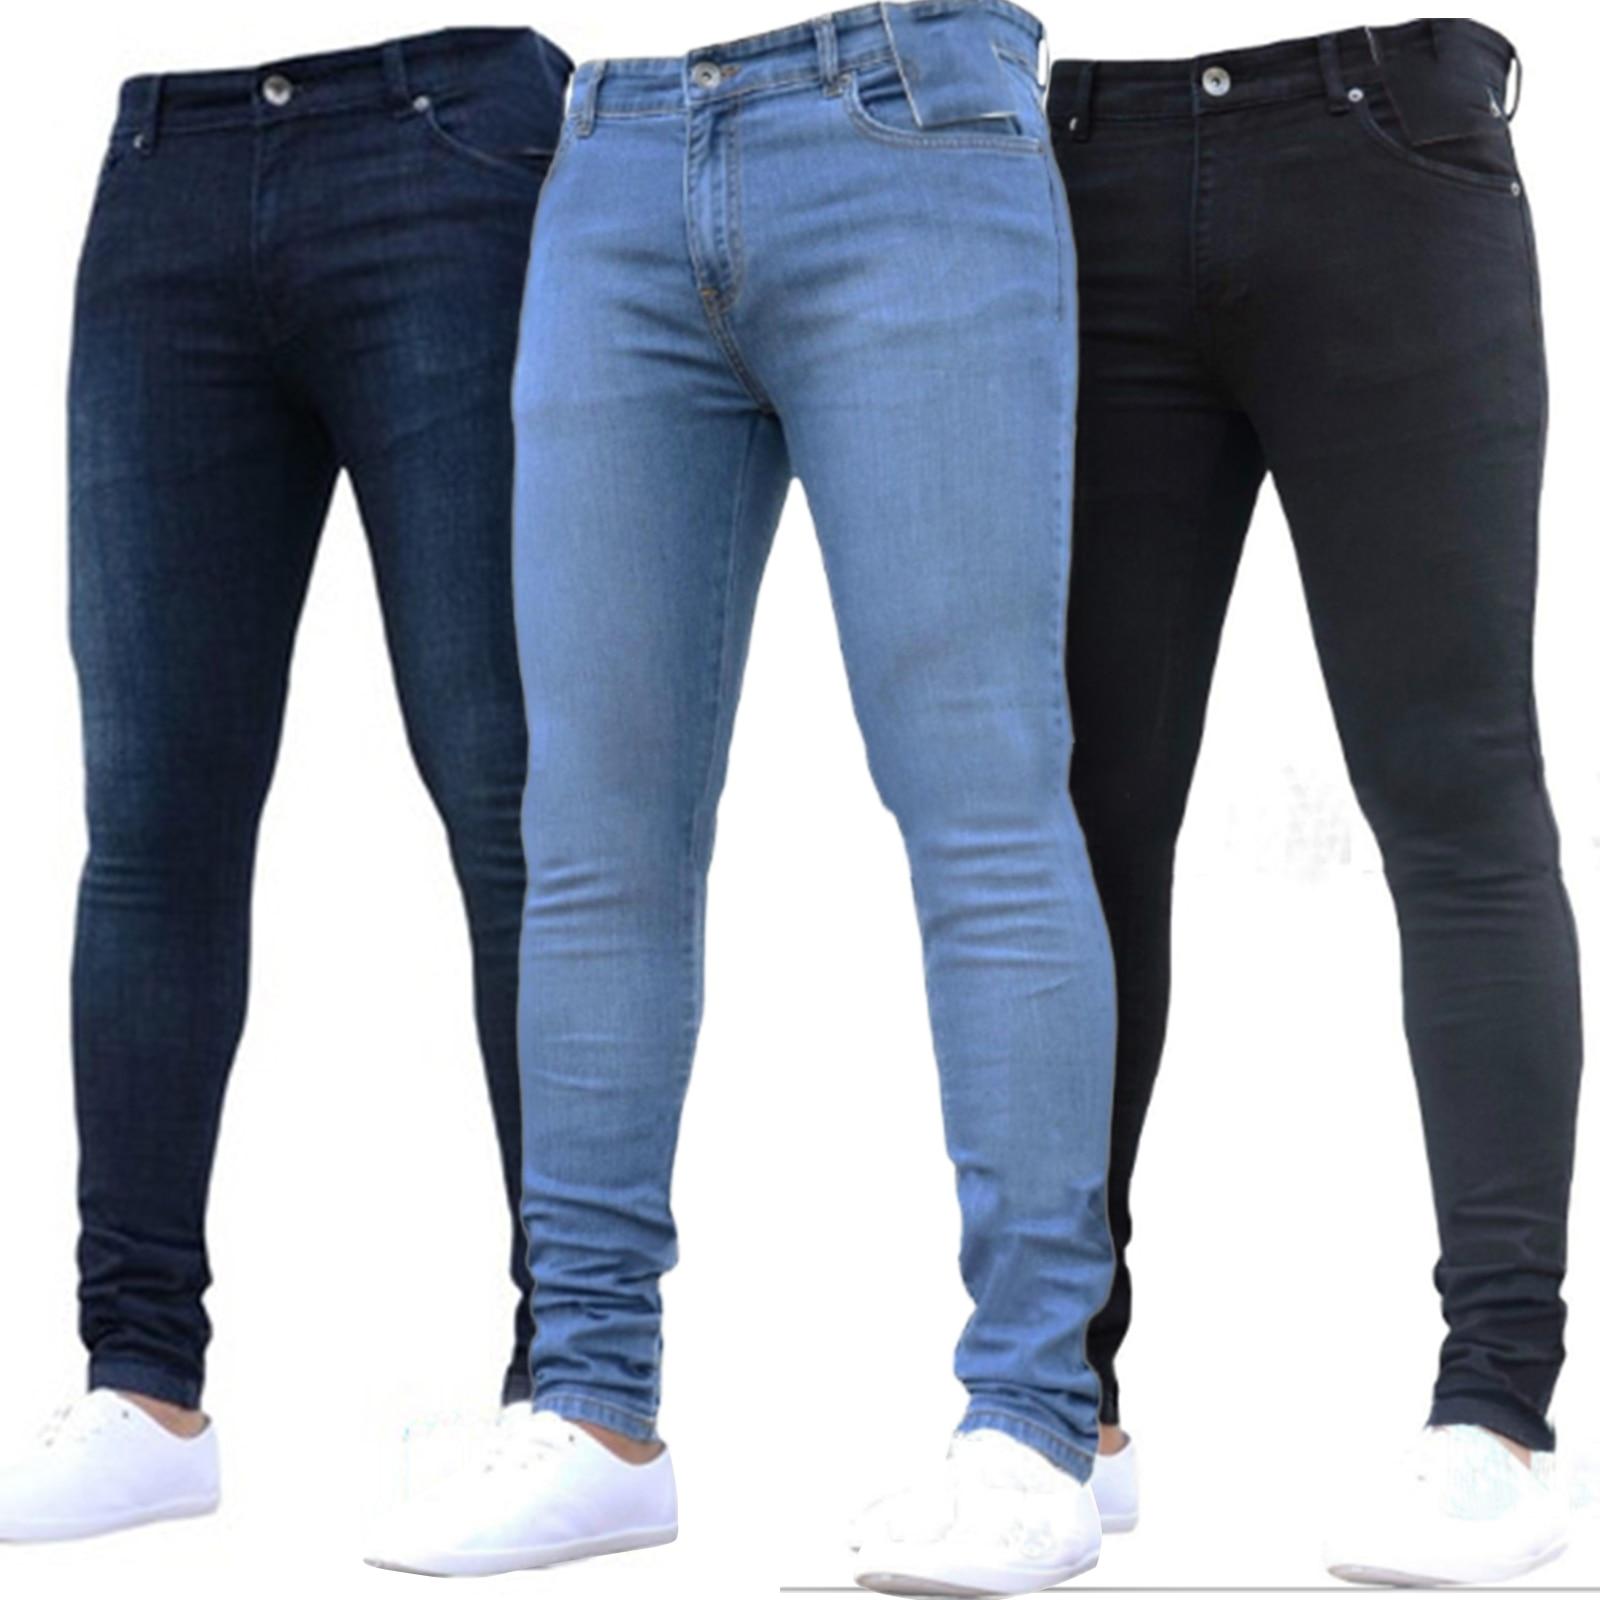 Джинсы мужские Стрейчевые с завышенной талией, брюки-карандаш на молнии, повседневные облегающие штаны размера плюс, джинсы скинни для мужч...